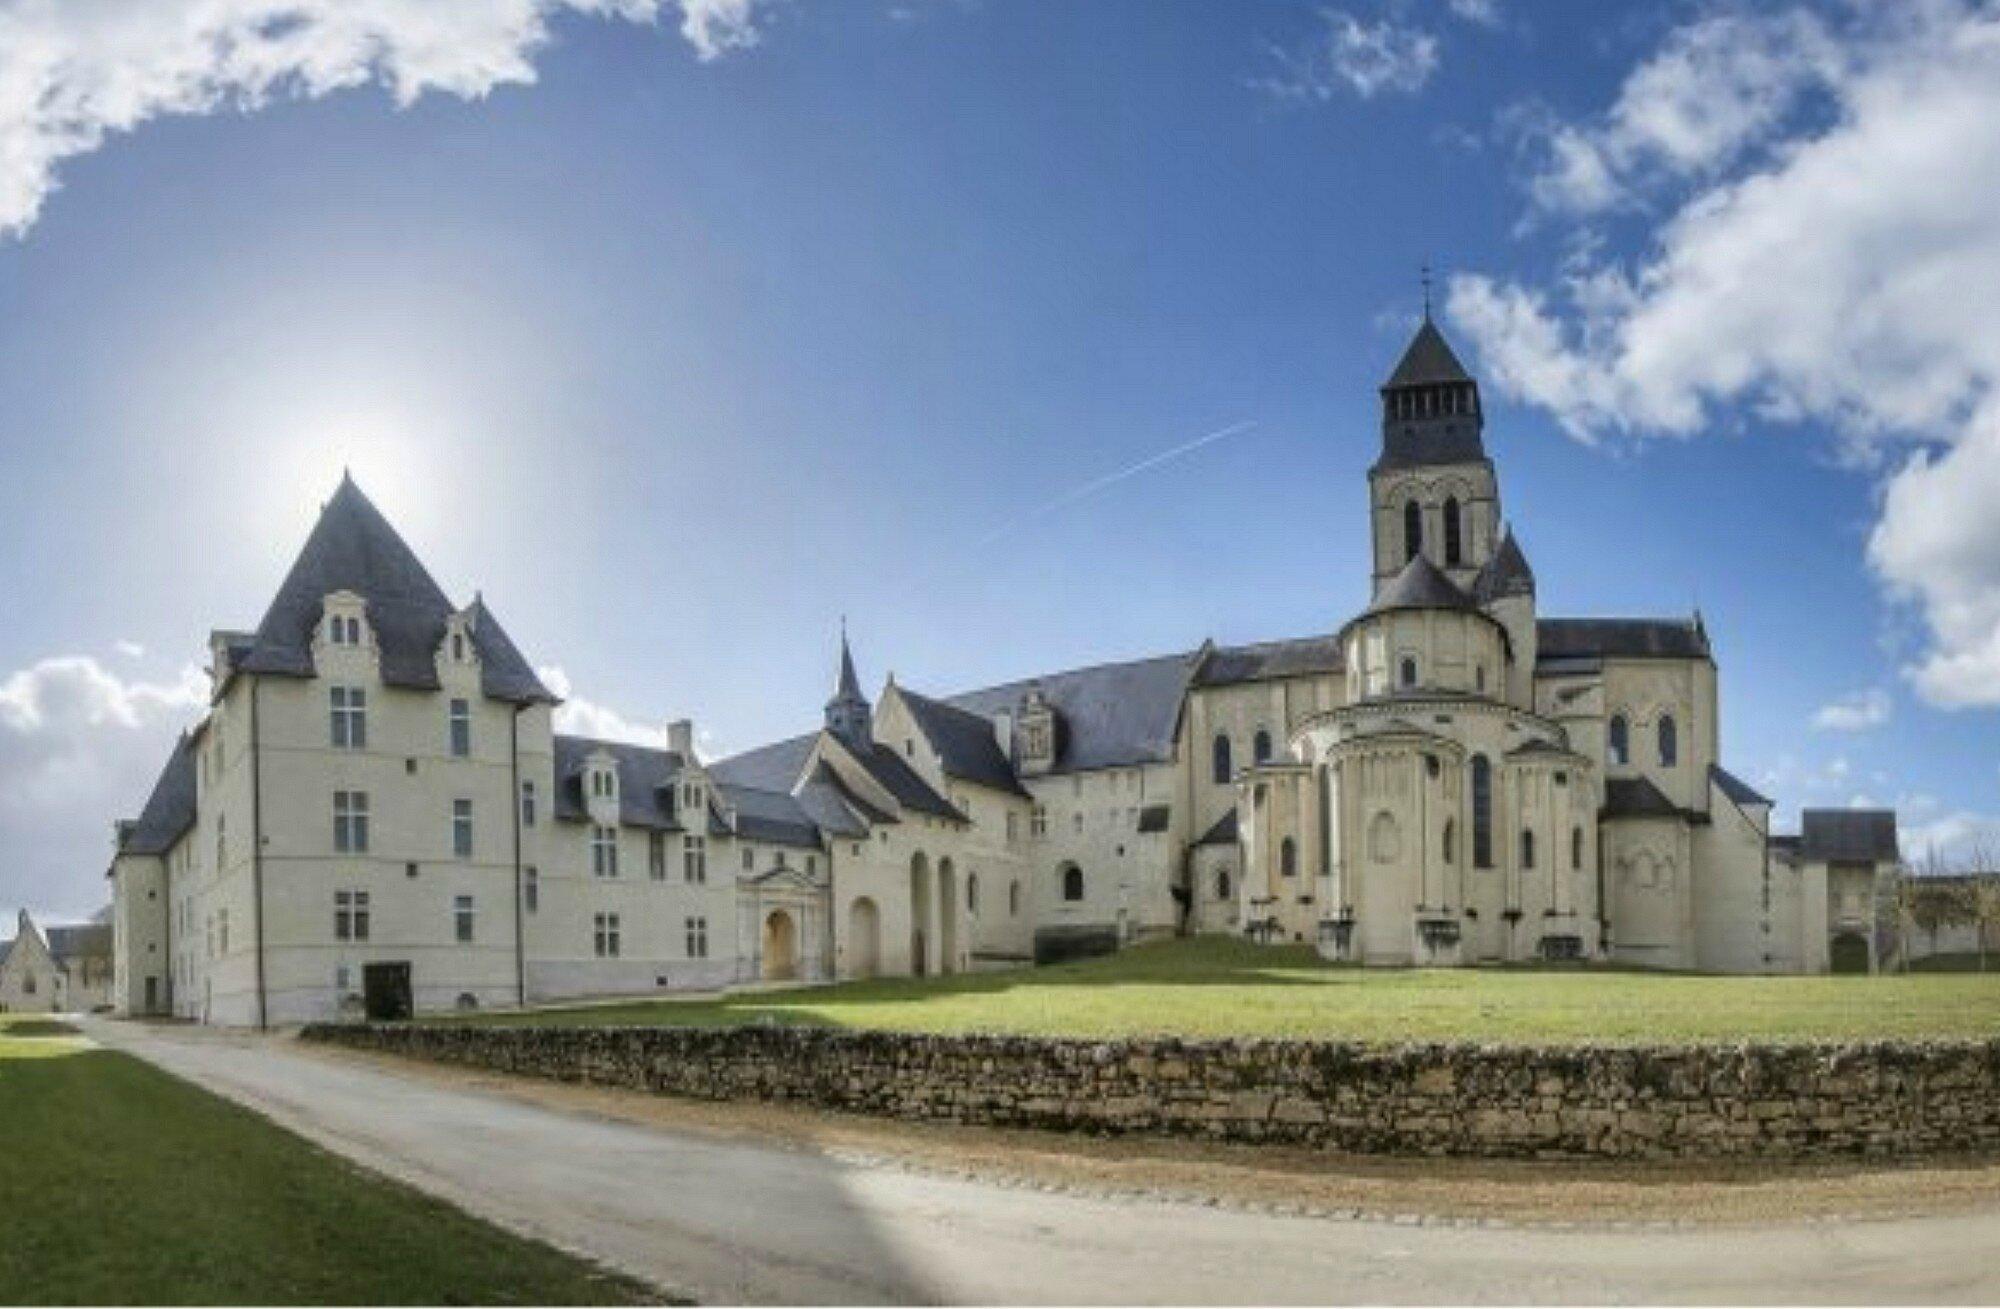 L'Abbaye de Fontevraud : un site unique